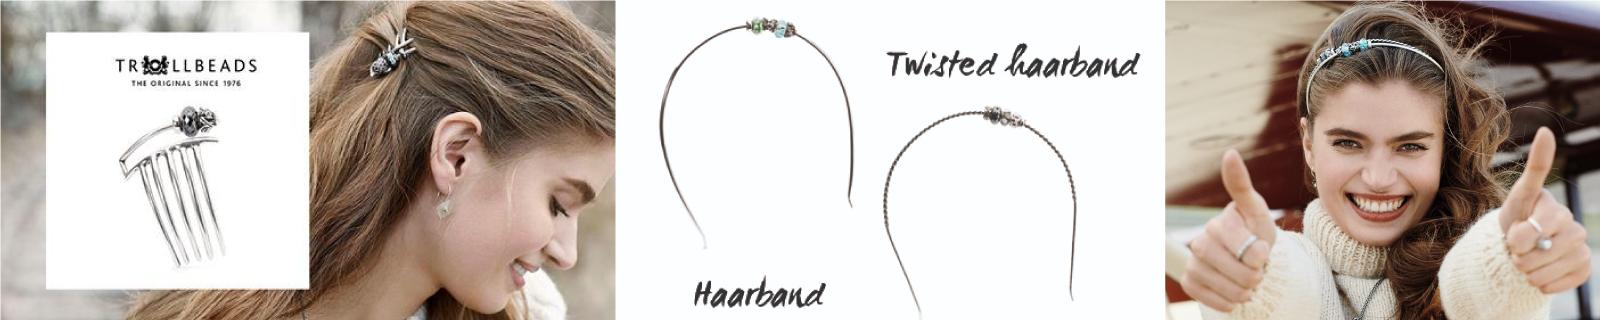 Trollbeads-haarband-en-haarkam-sieraad-verkrijgbaar-bij-Wolters-Juweliers-Coevorden-Emmen